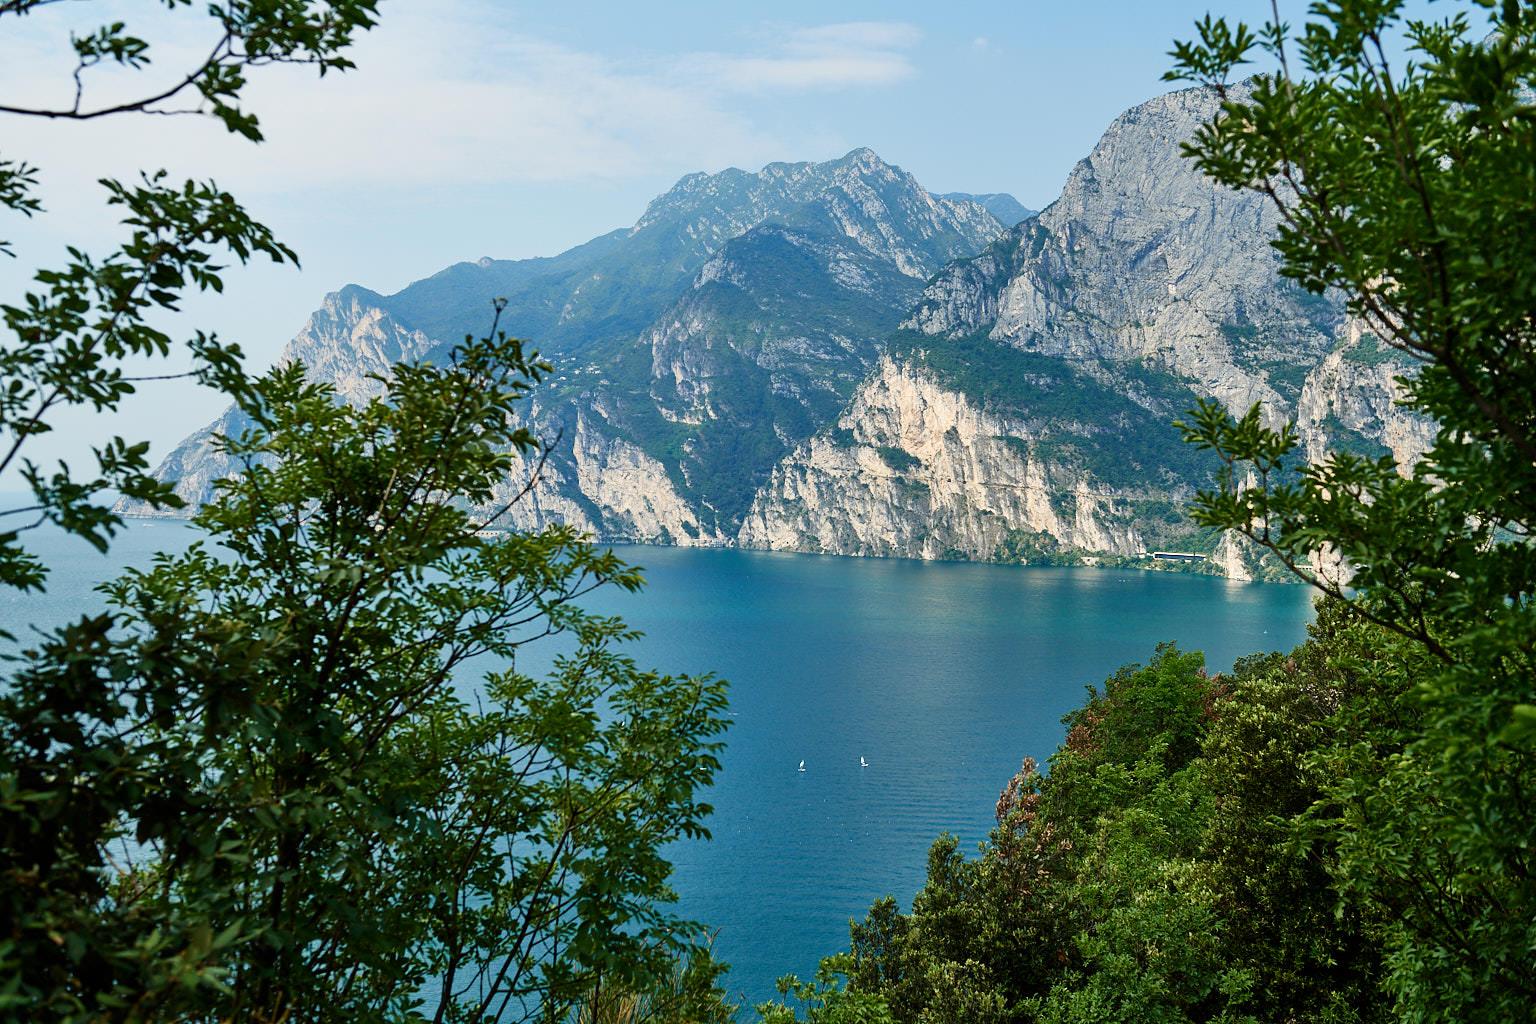 Ausblick vom Monte Brione auf den Gardasee und den Cima Capi